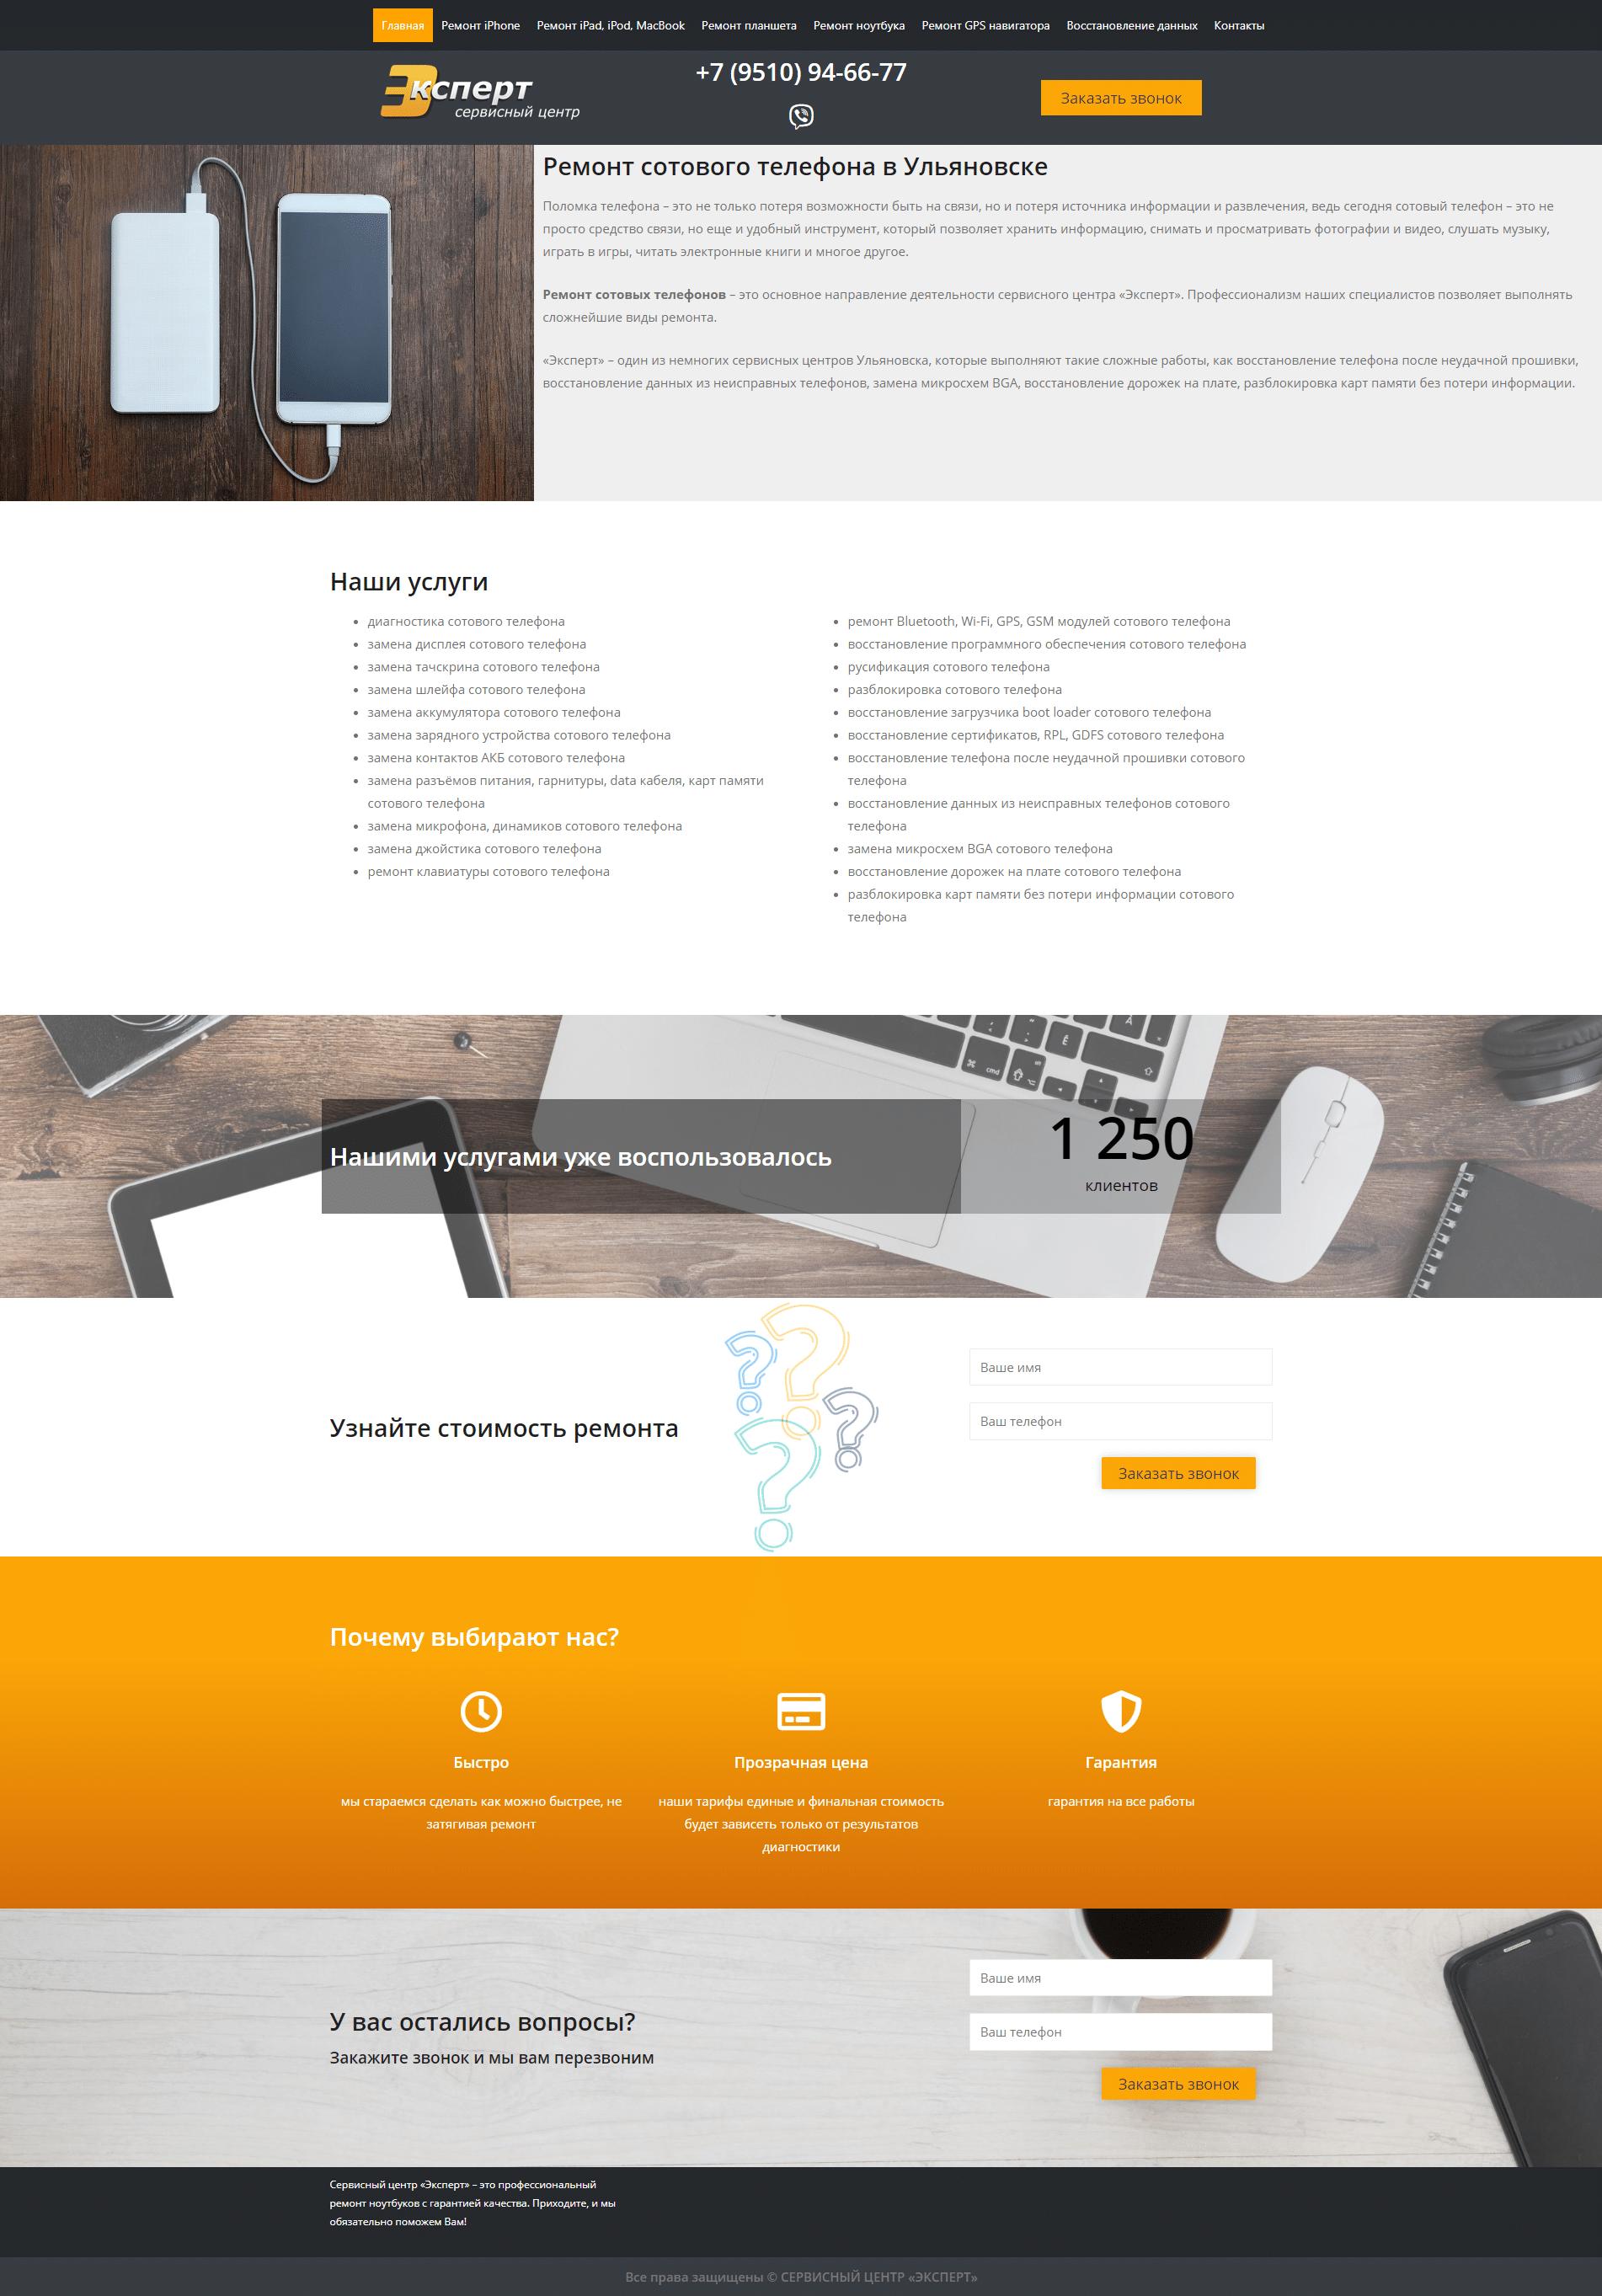 Разработка сайта Сервисного центра «Эксперт»